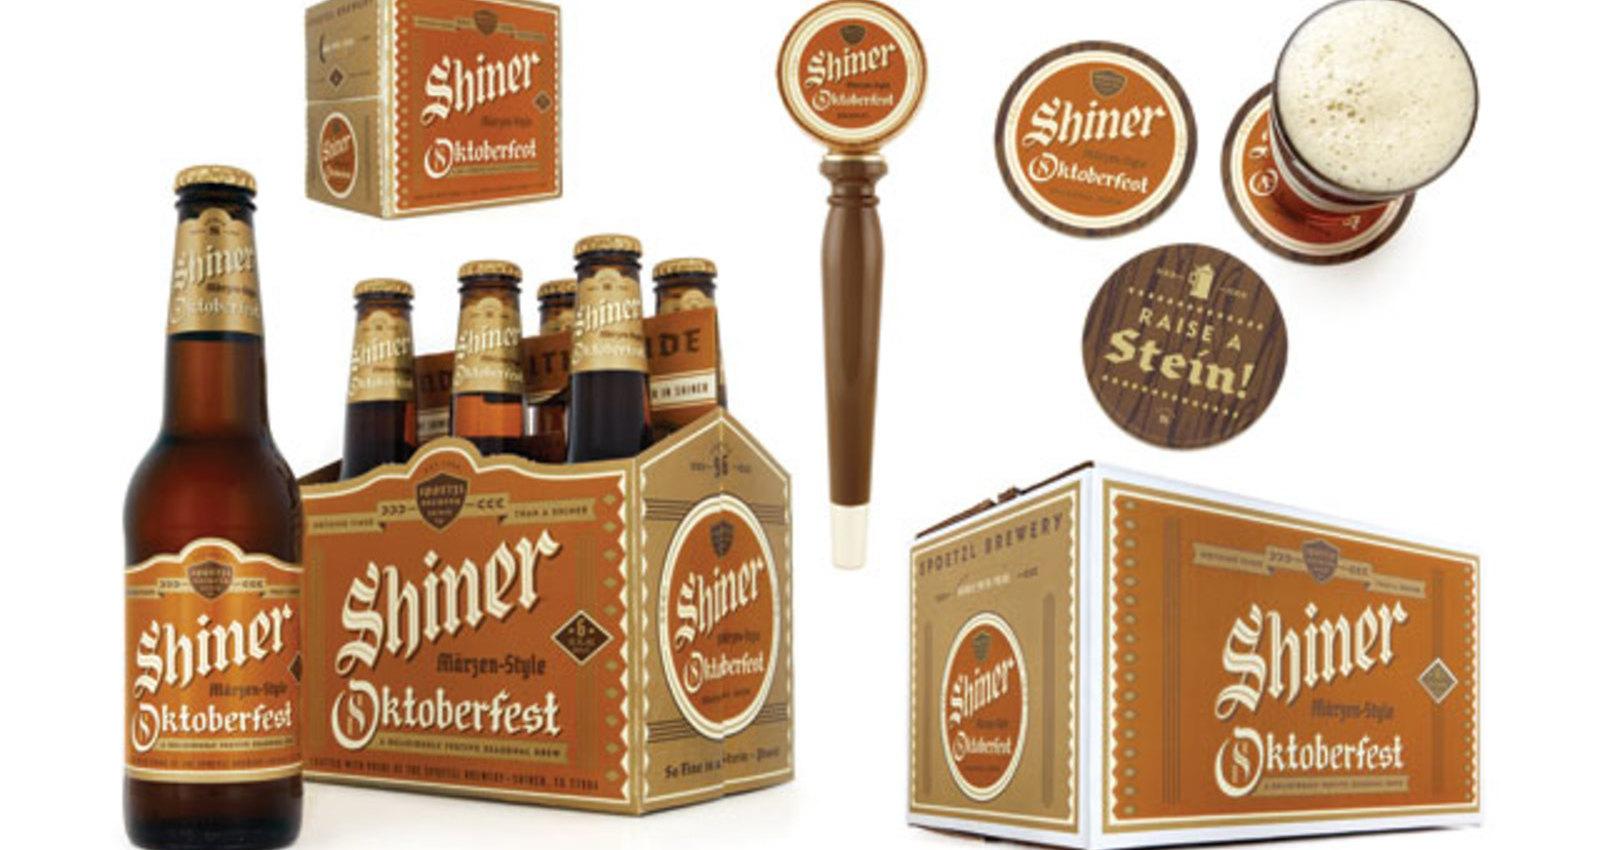 Shiner Beers Oktoberfest Packaging